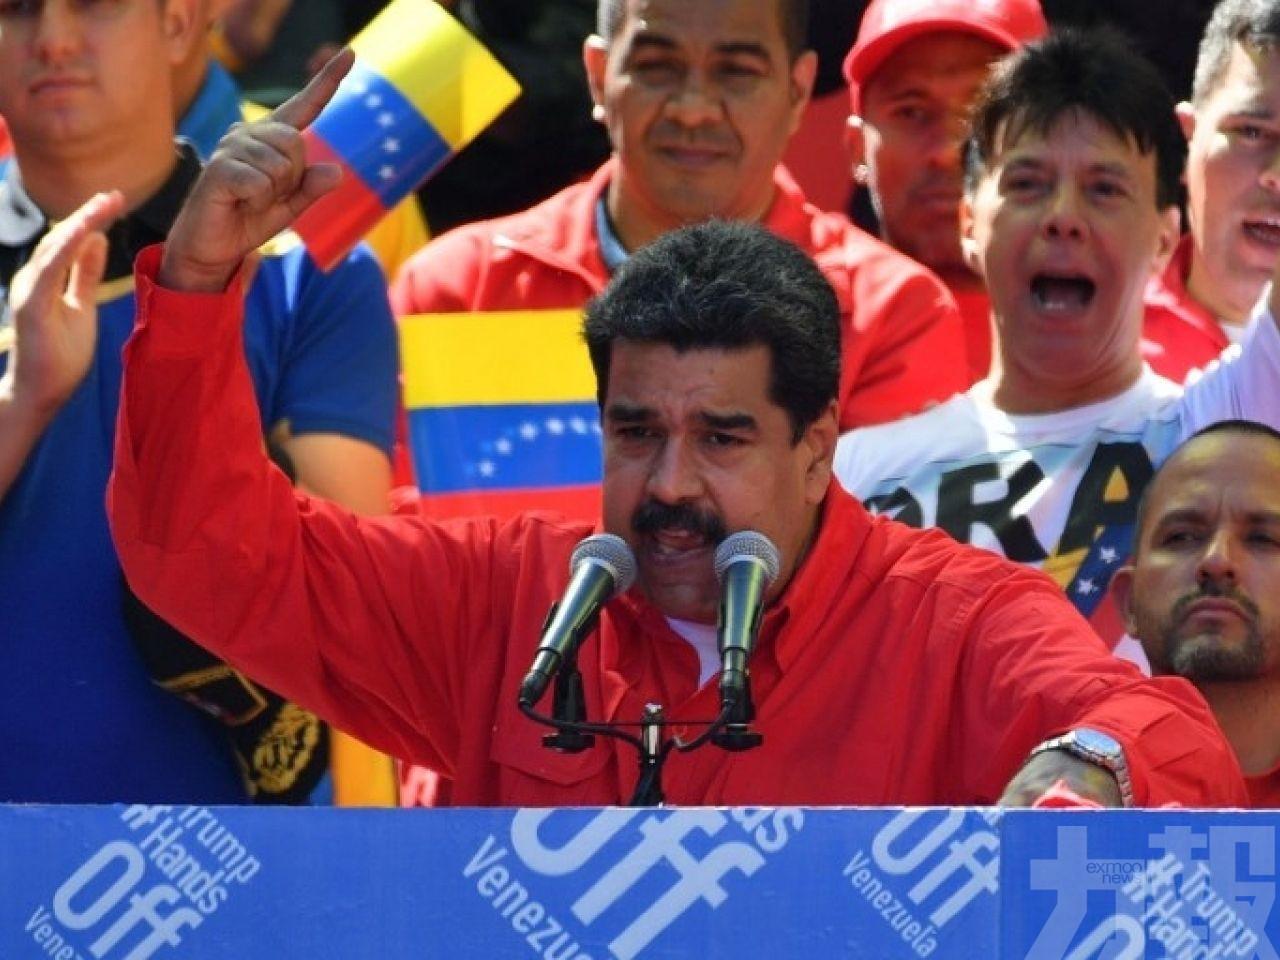 馬杜羅宣布委內瑞拉與哥倫比亞斷交